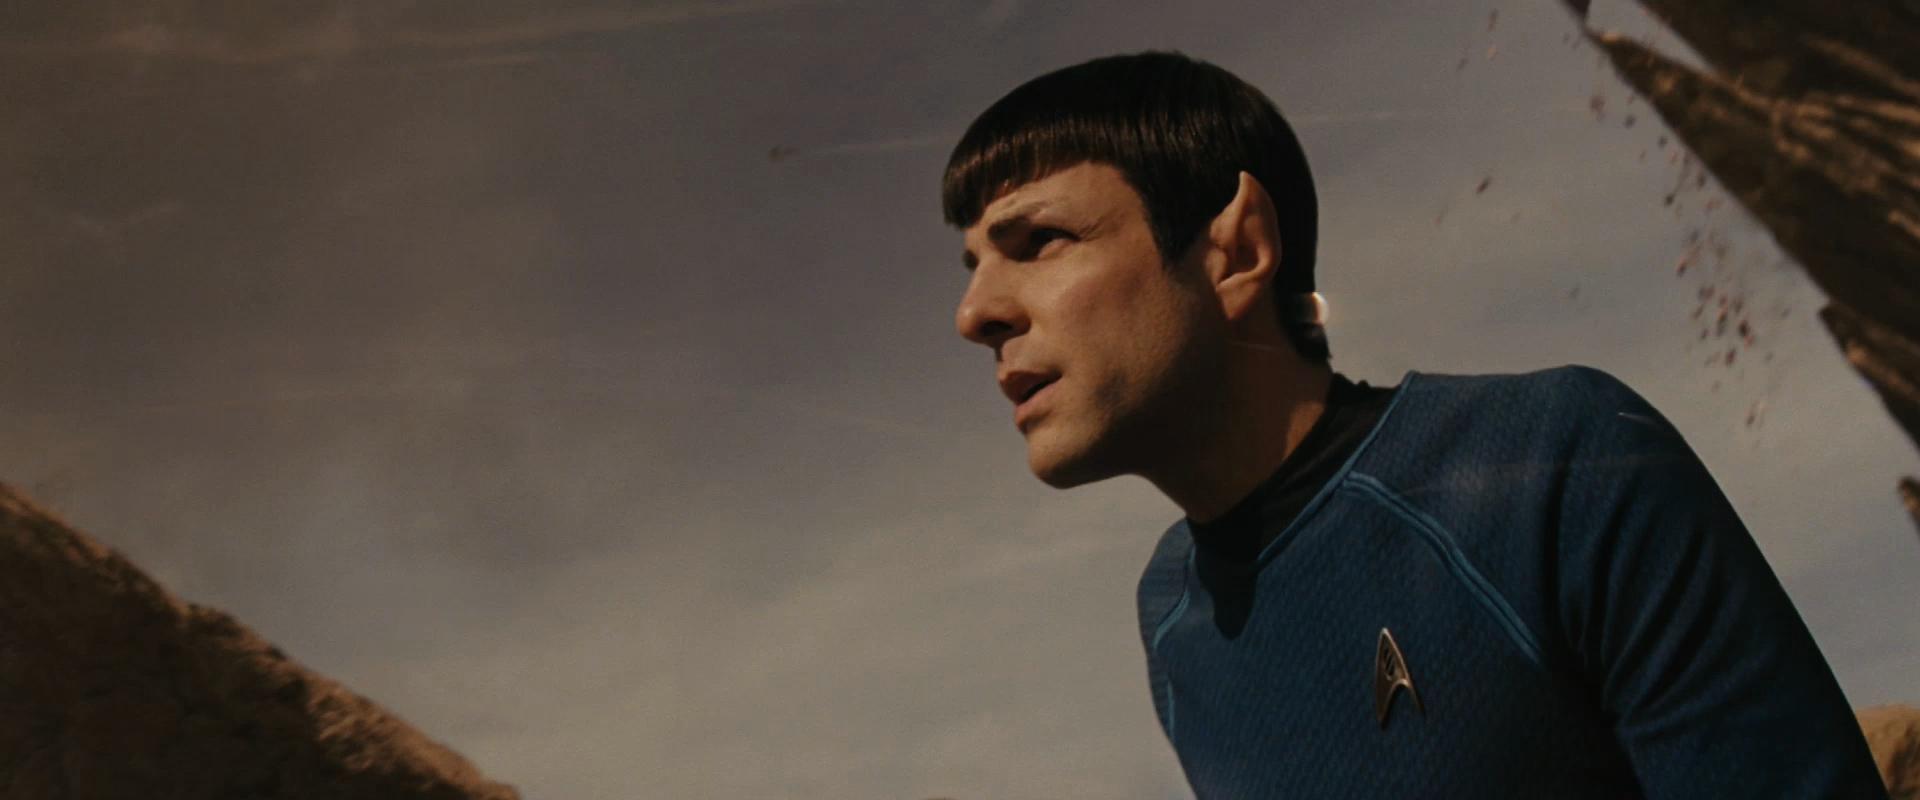 The new old Spock, Star Trek, 2009